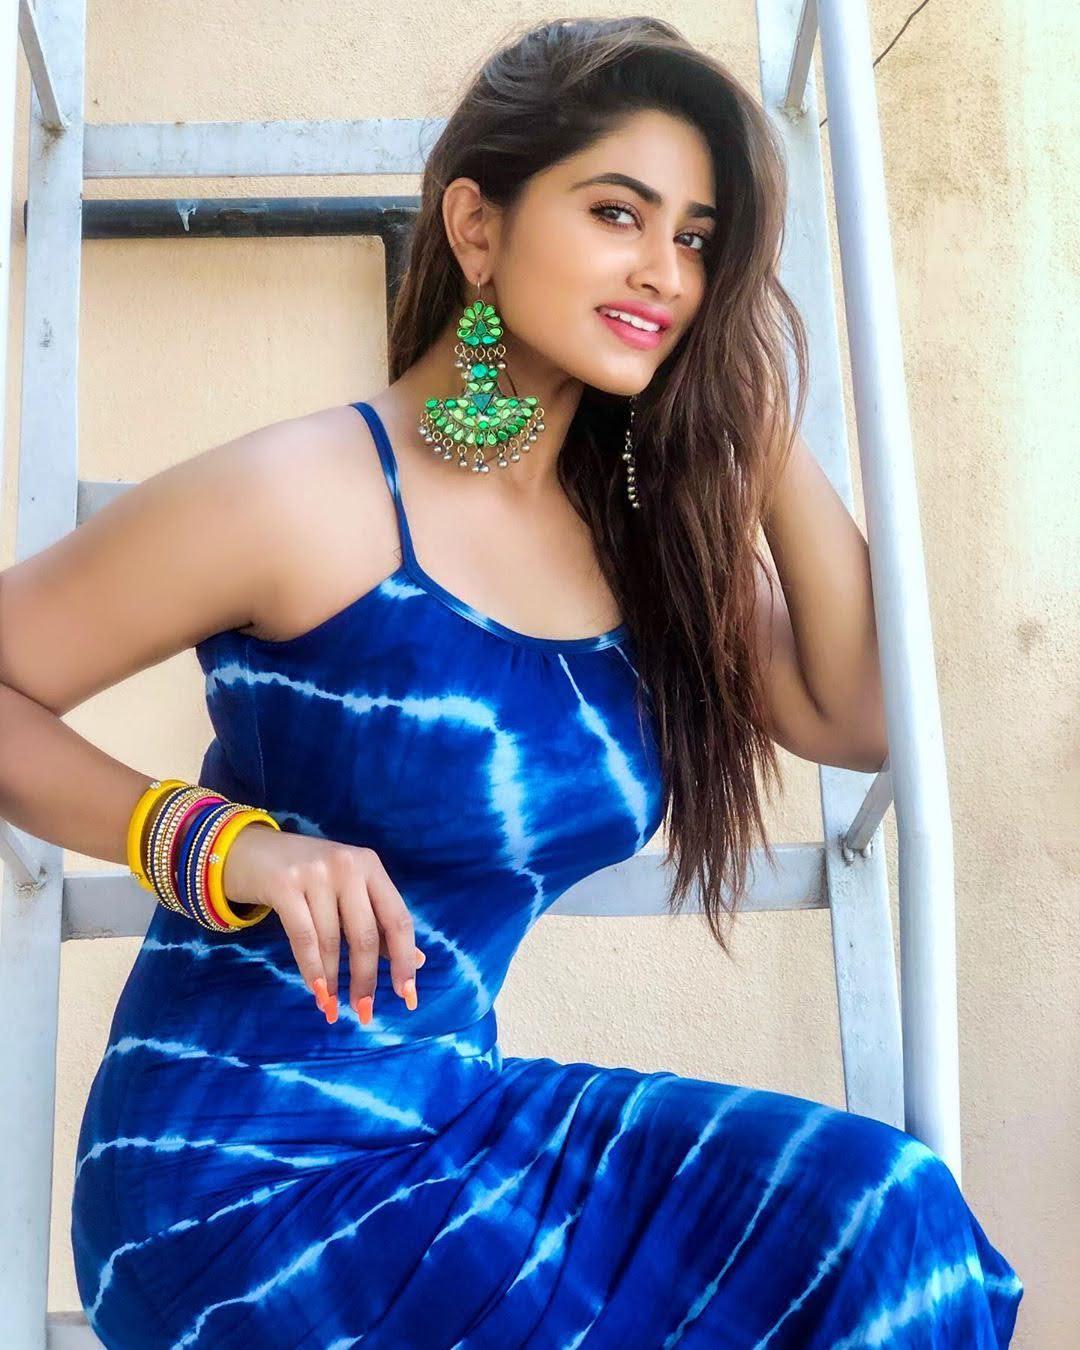 shivani_narayanan_515113188